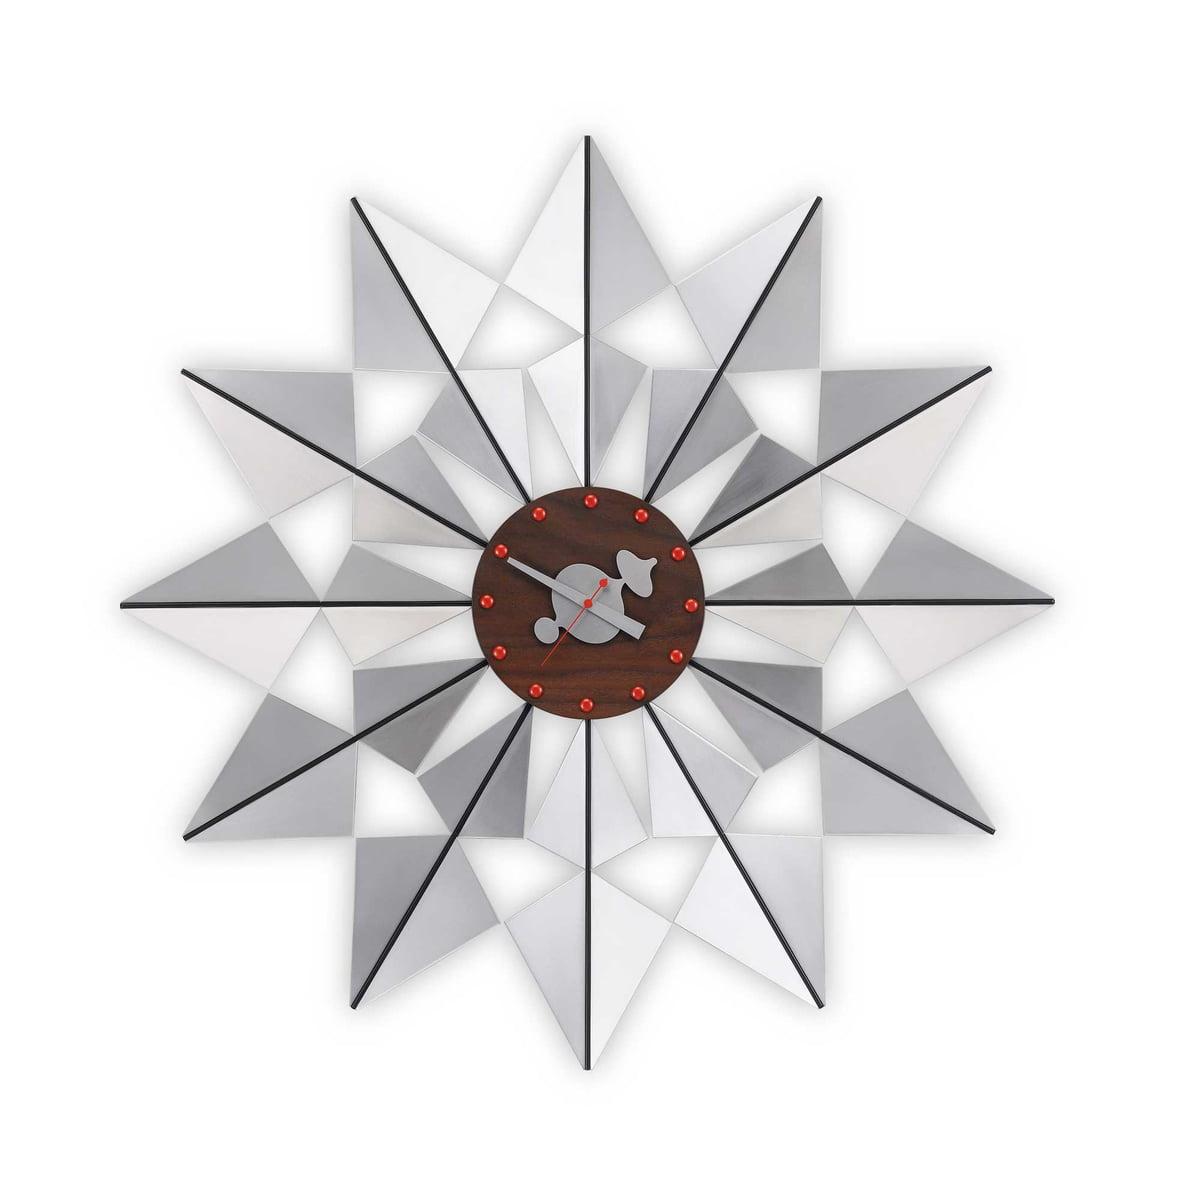 Vitra - Flock of Butterflies Wanduhr, Aluminium | Dekoration > Uhren > Wanduhren | Aluminium | Verschiedene hölzer und metalle. quarz-uhrwerk | Vitra